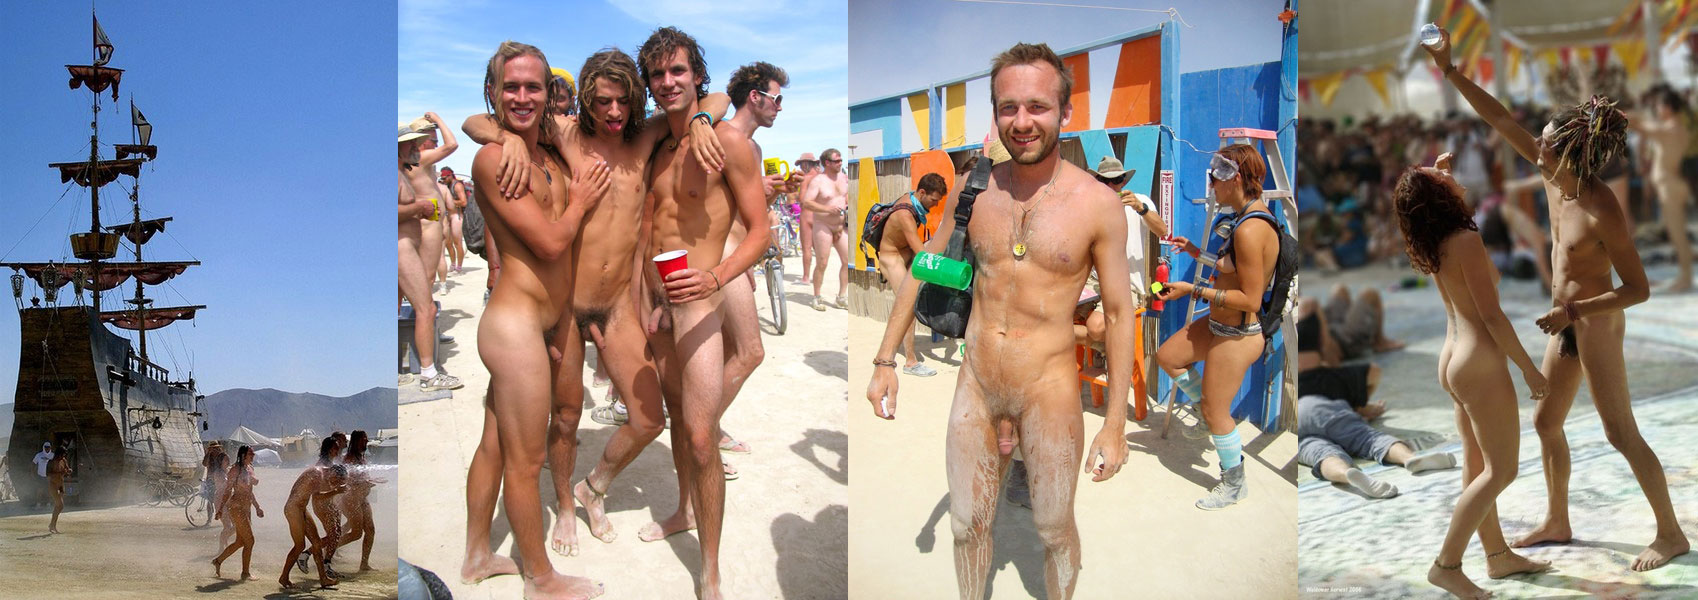 burning-man-pics-nude